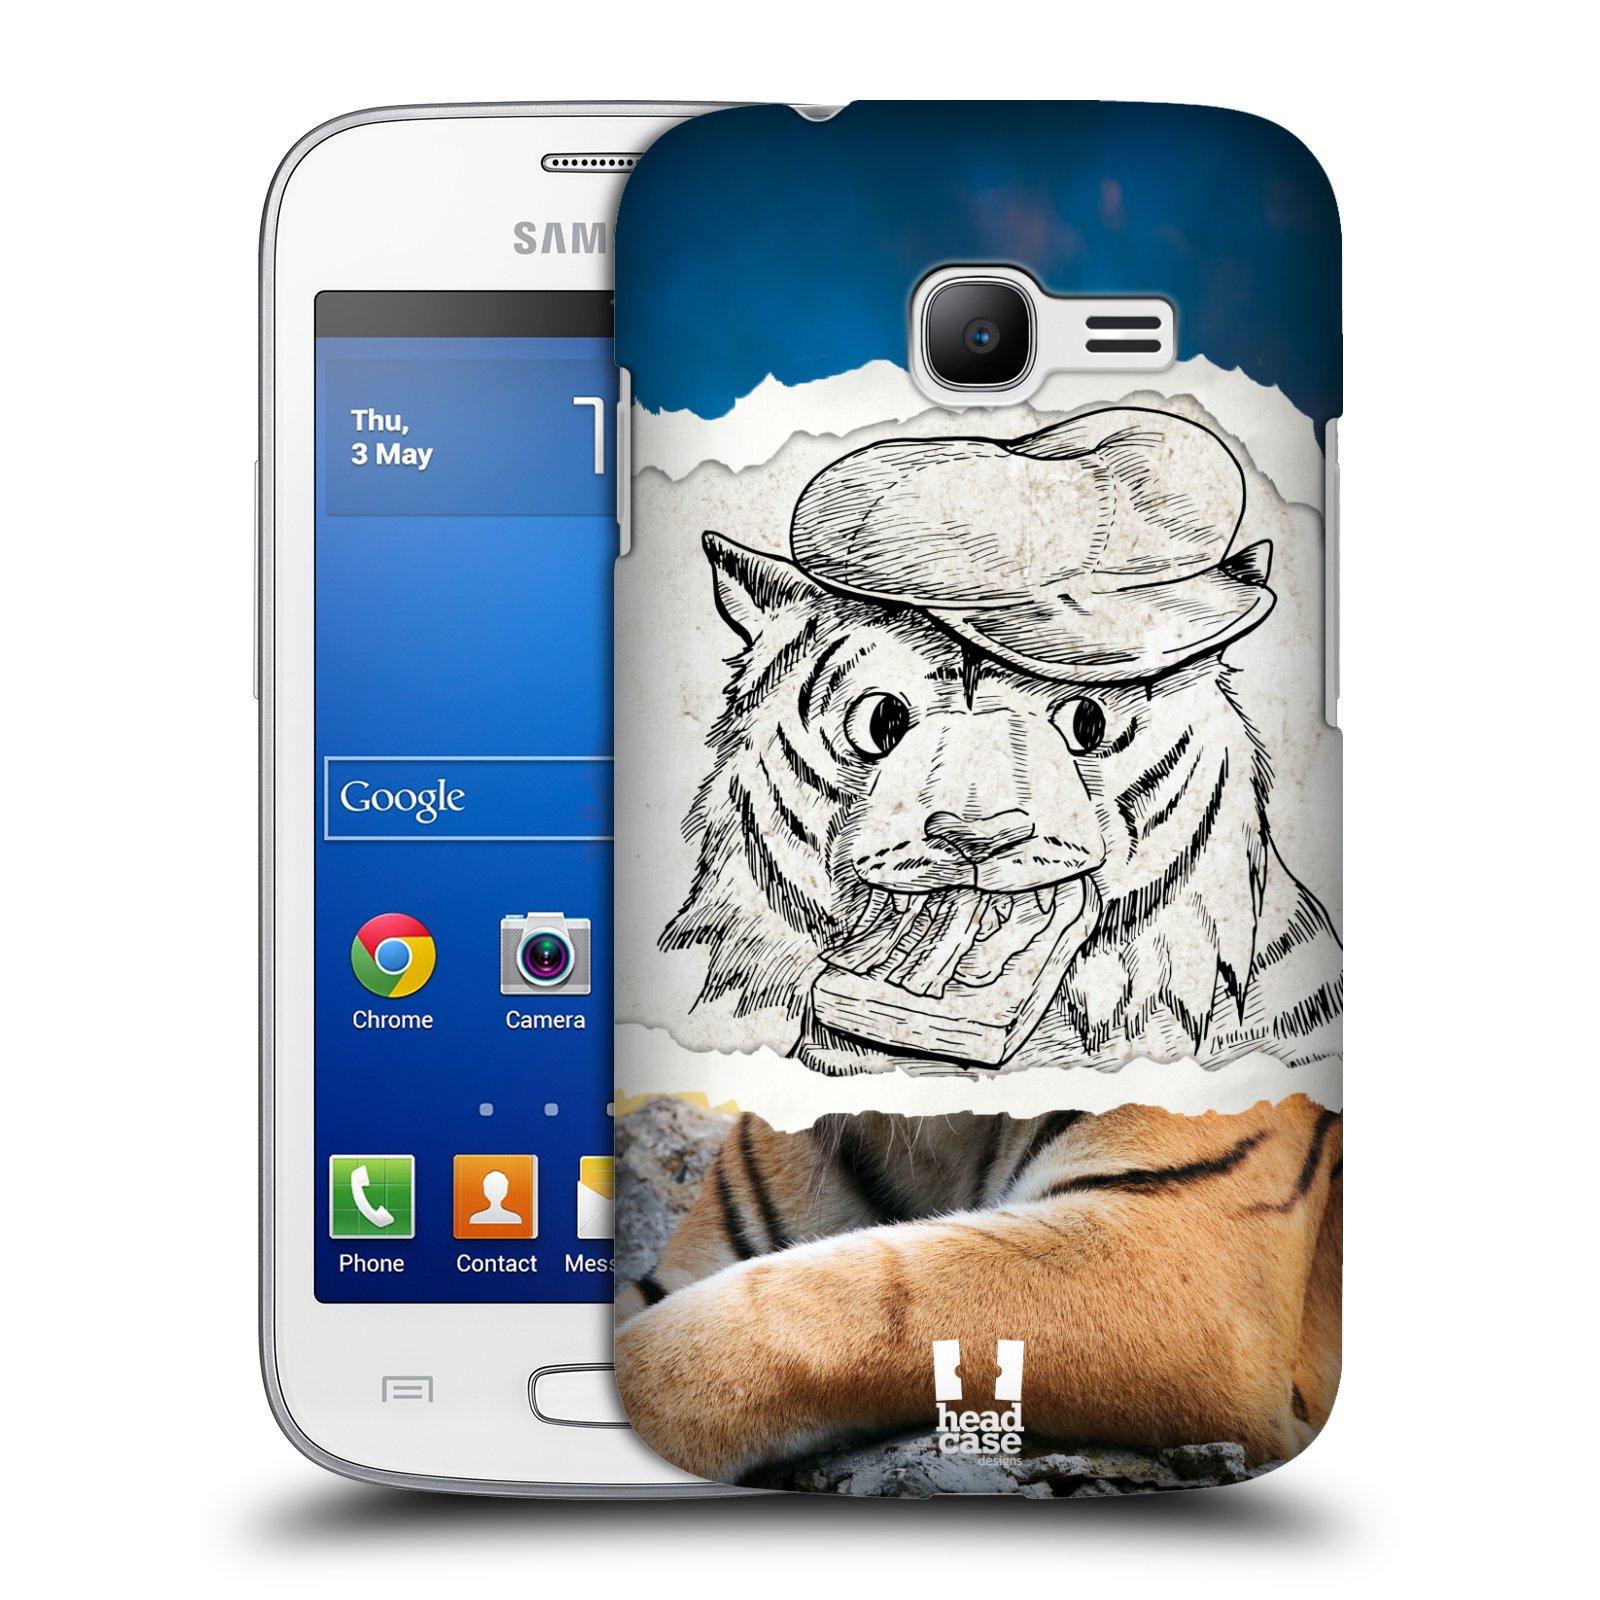 HEAD CASE plastový obal na mobil SAMSUNG GALAXY Star Pro S7260/S7262 DUOS vzor zvířata koláž tygr fešák